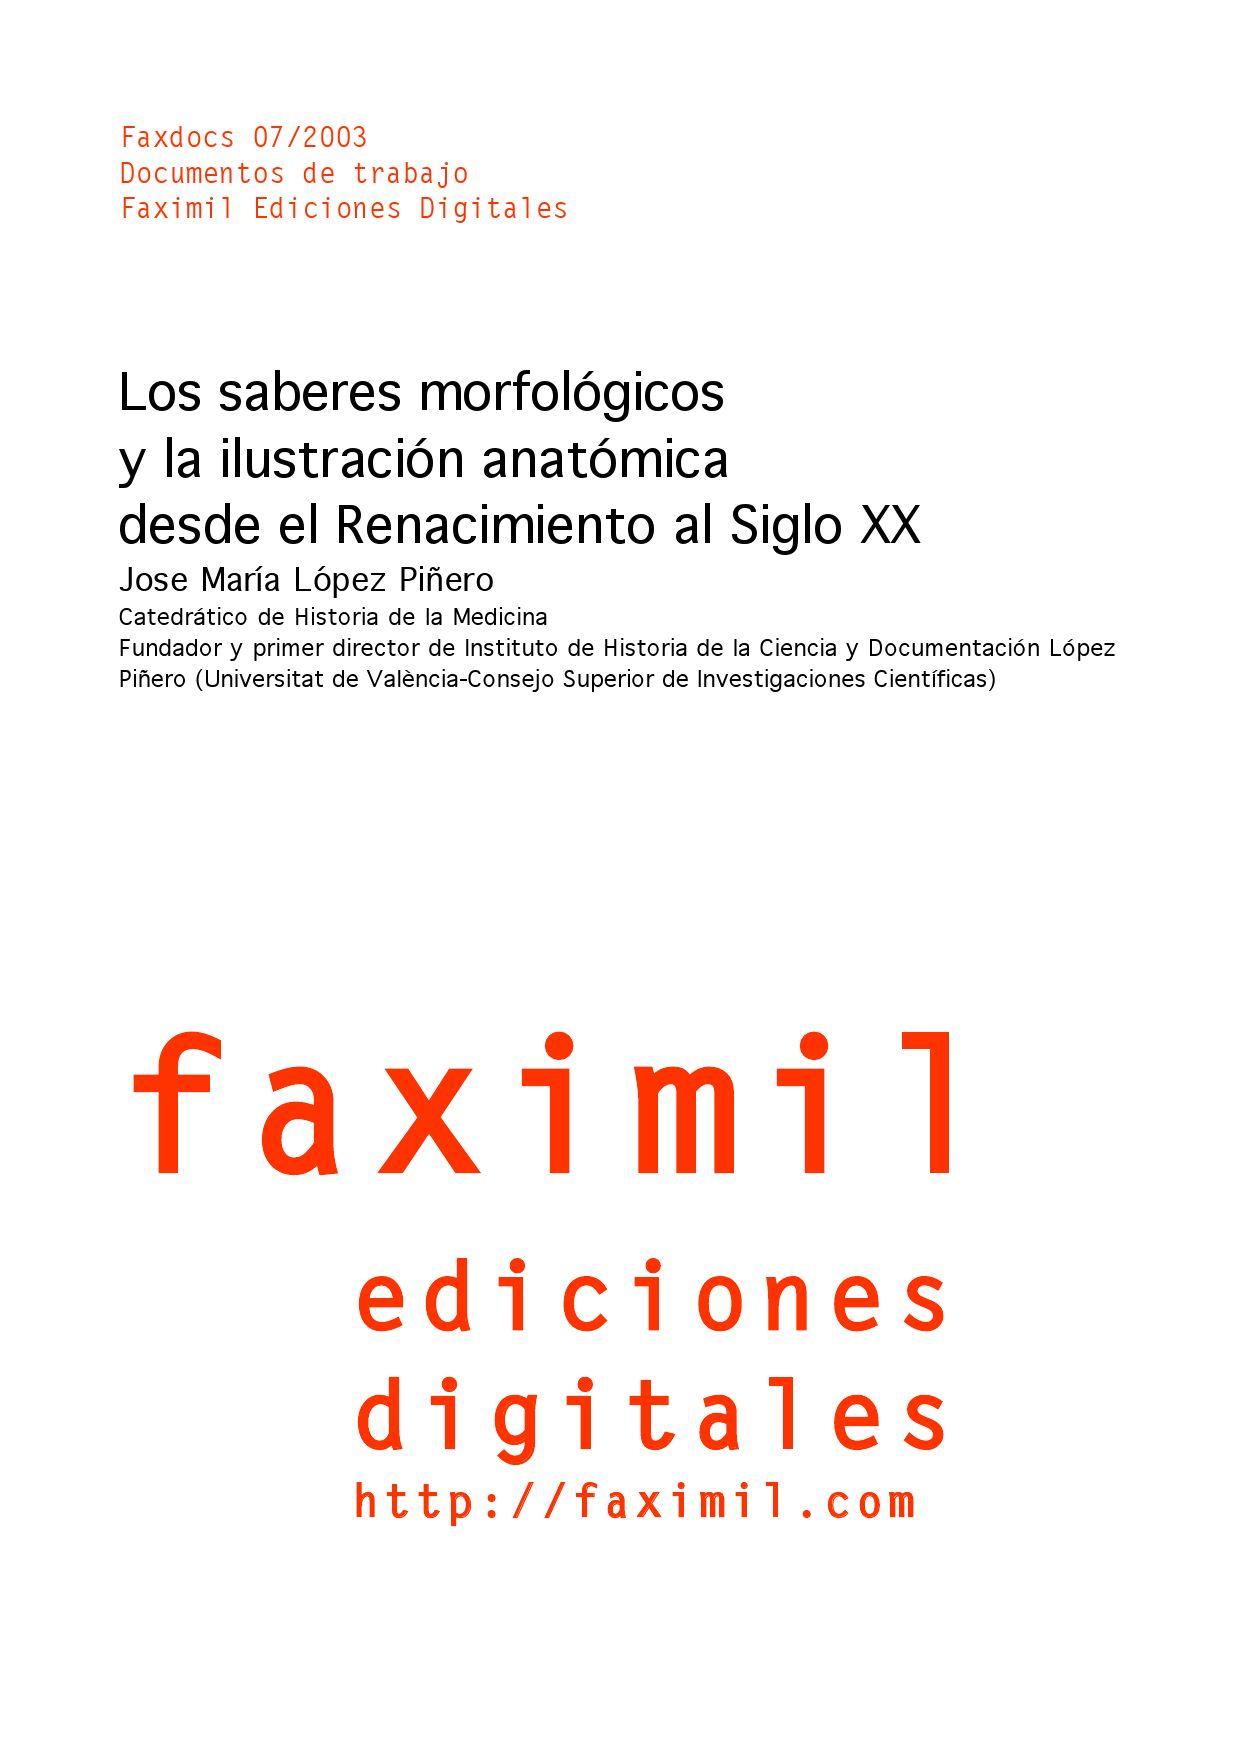 Los saberes morfológicos y la ilustración by Faximil Edicions ...